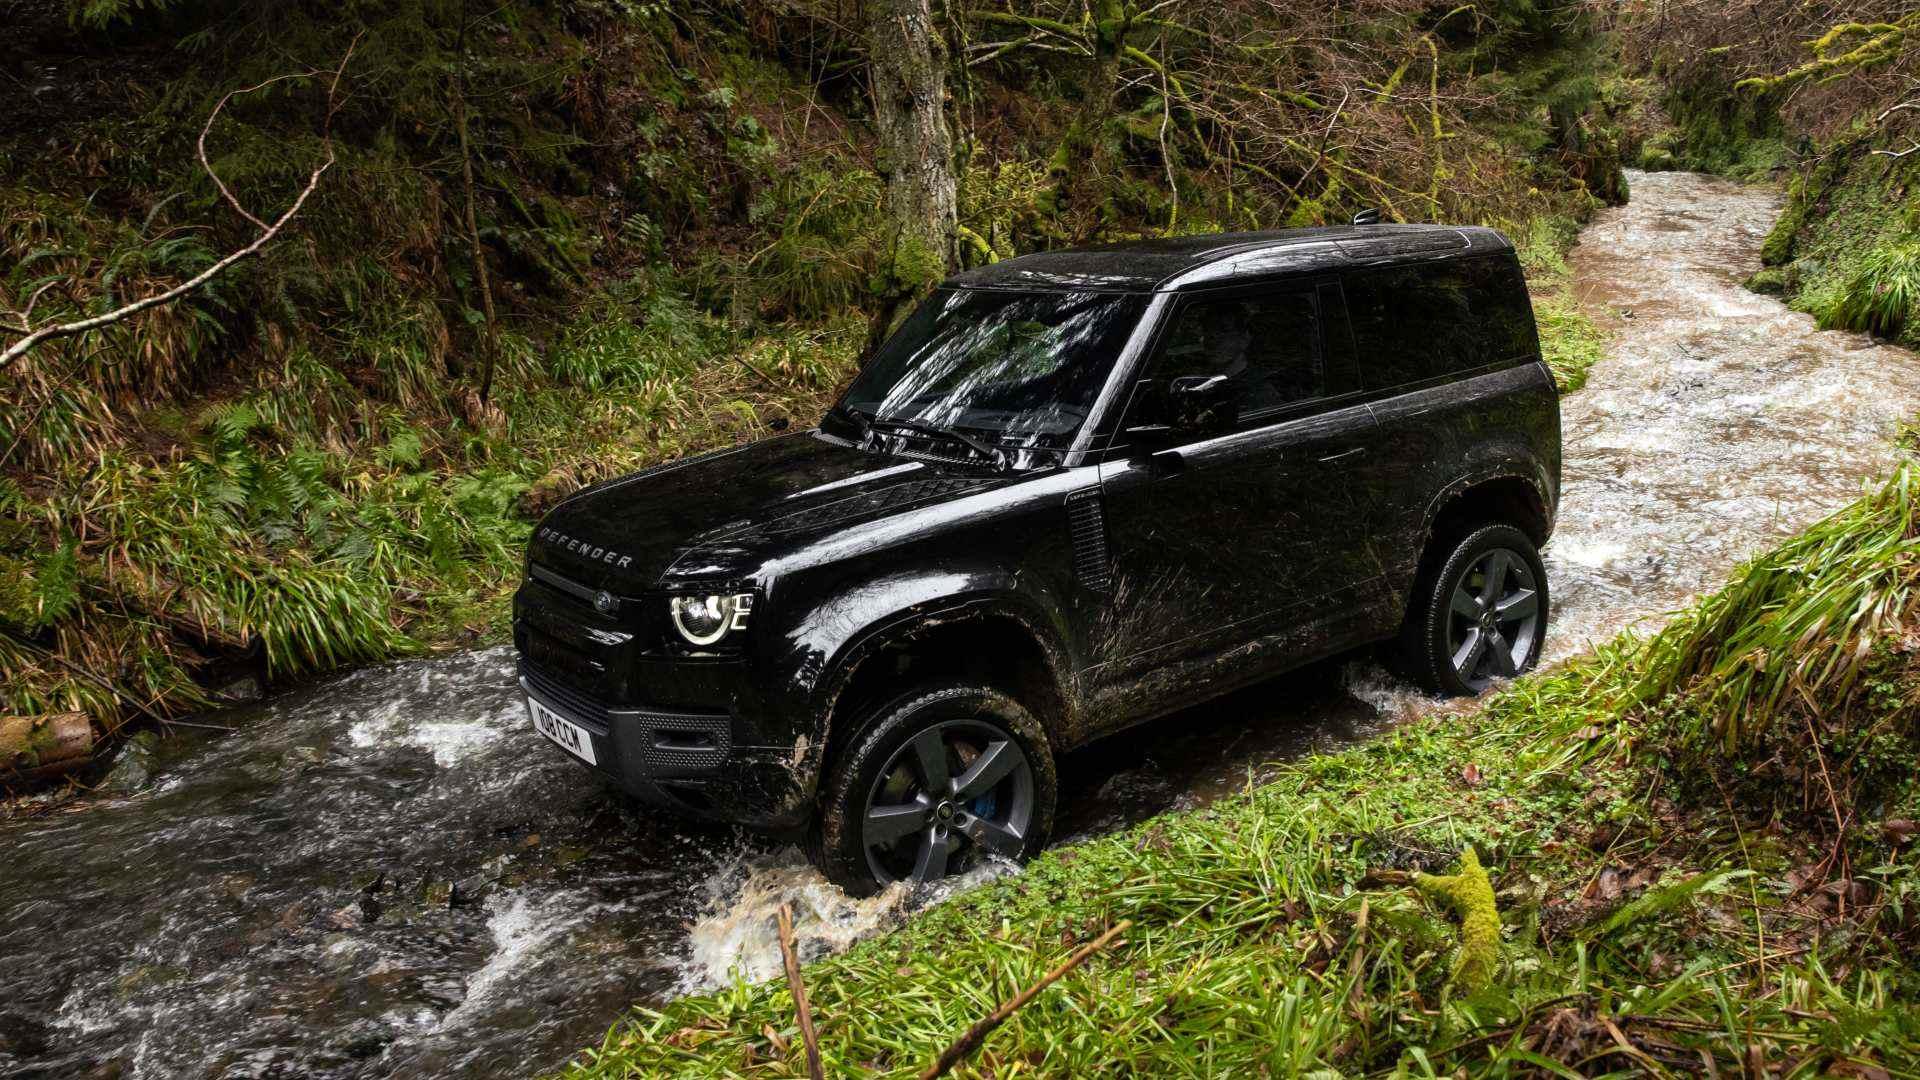 El Land Rover Defender estrena versión con motor V8 sobrealimentado y más de 500 CV